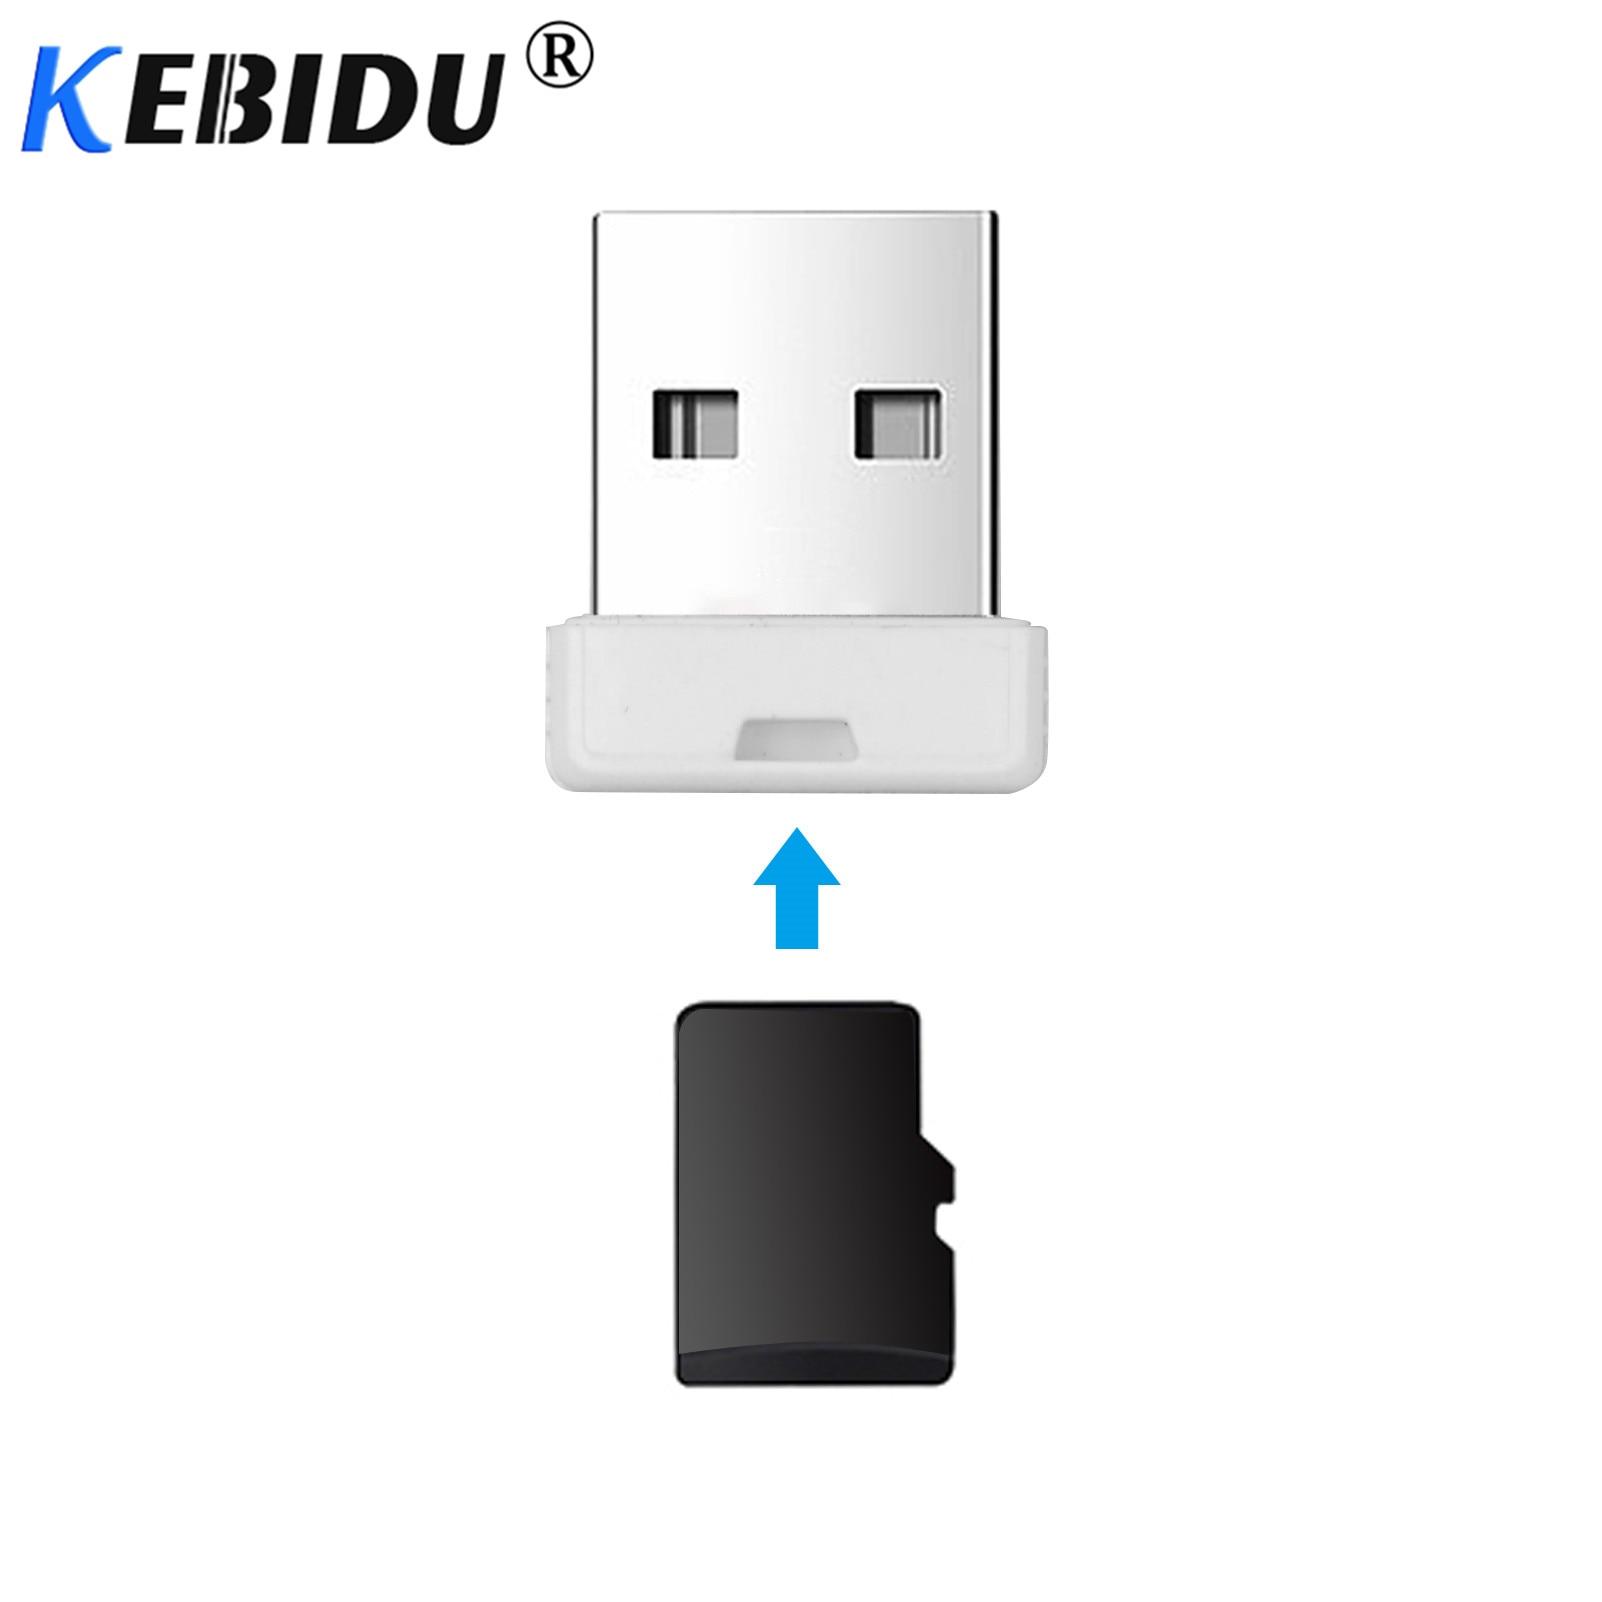 Kebidu mini leitor de cartões, super rápido, usb 2.0, micro sd/sdxc, tf, leitor de cartões, adaptador de alta qualidade para computador